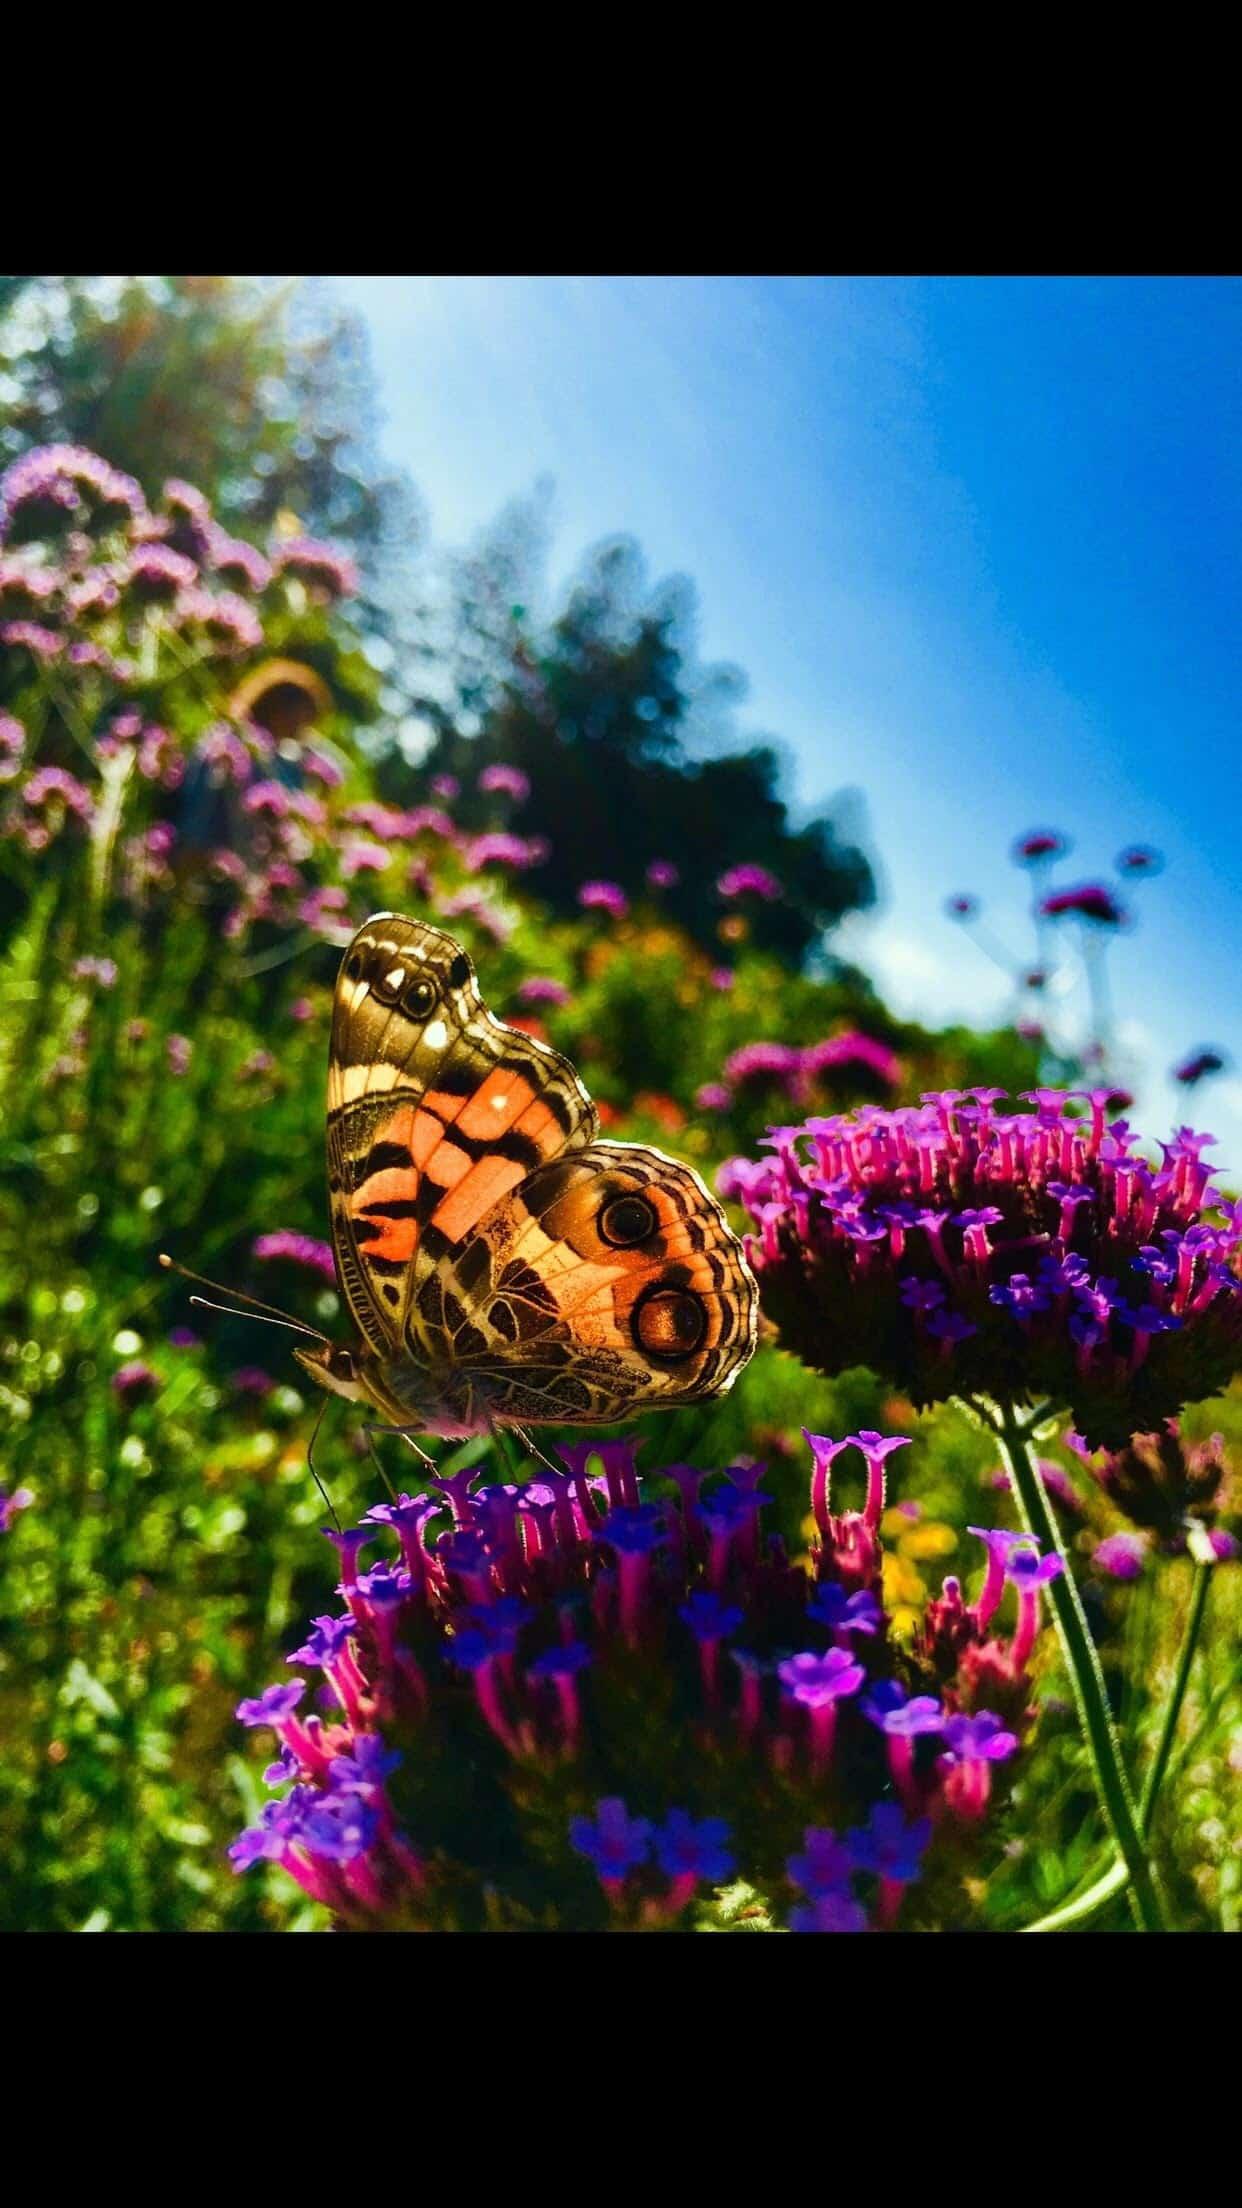 fly little butterfly